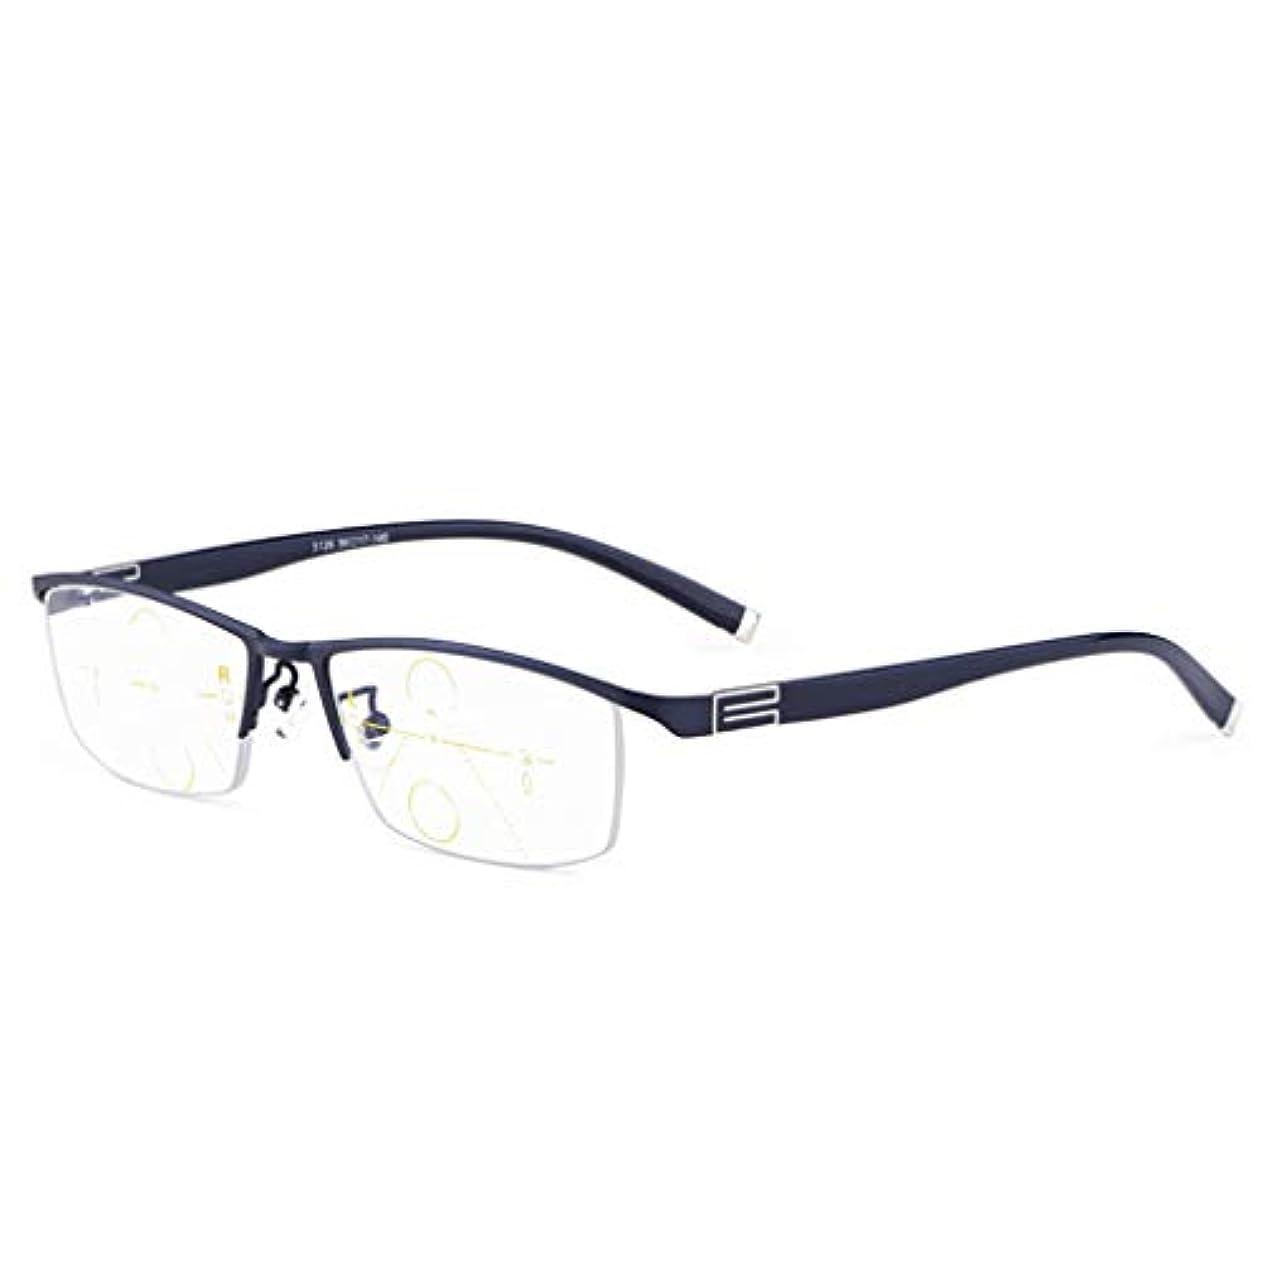 子行進受信デュアルユースHDスマートズーム老眼鏡、頑丈なヒンジ、柔軟な開閉、ソフトで快適なユニセックス。 【グレー系】アンチブルーライト